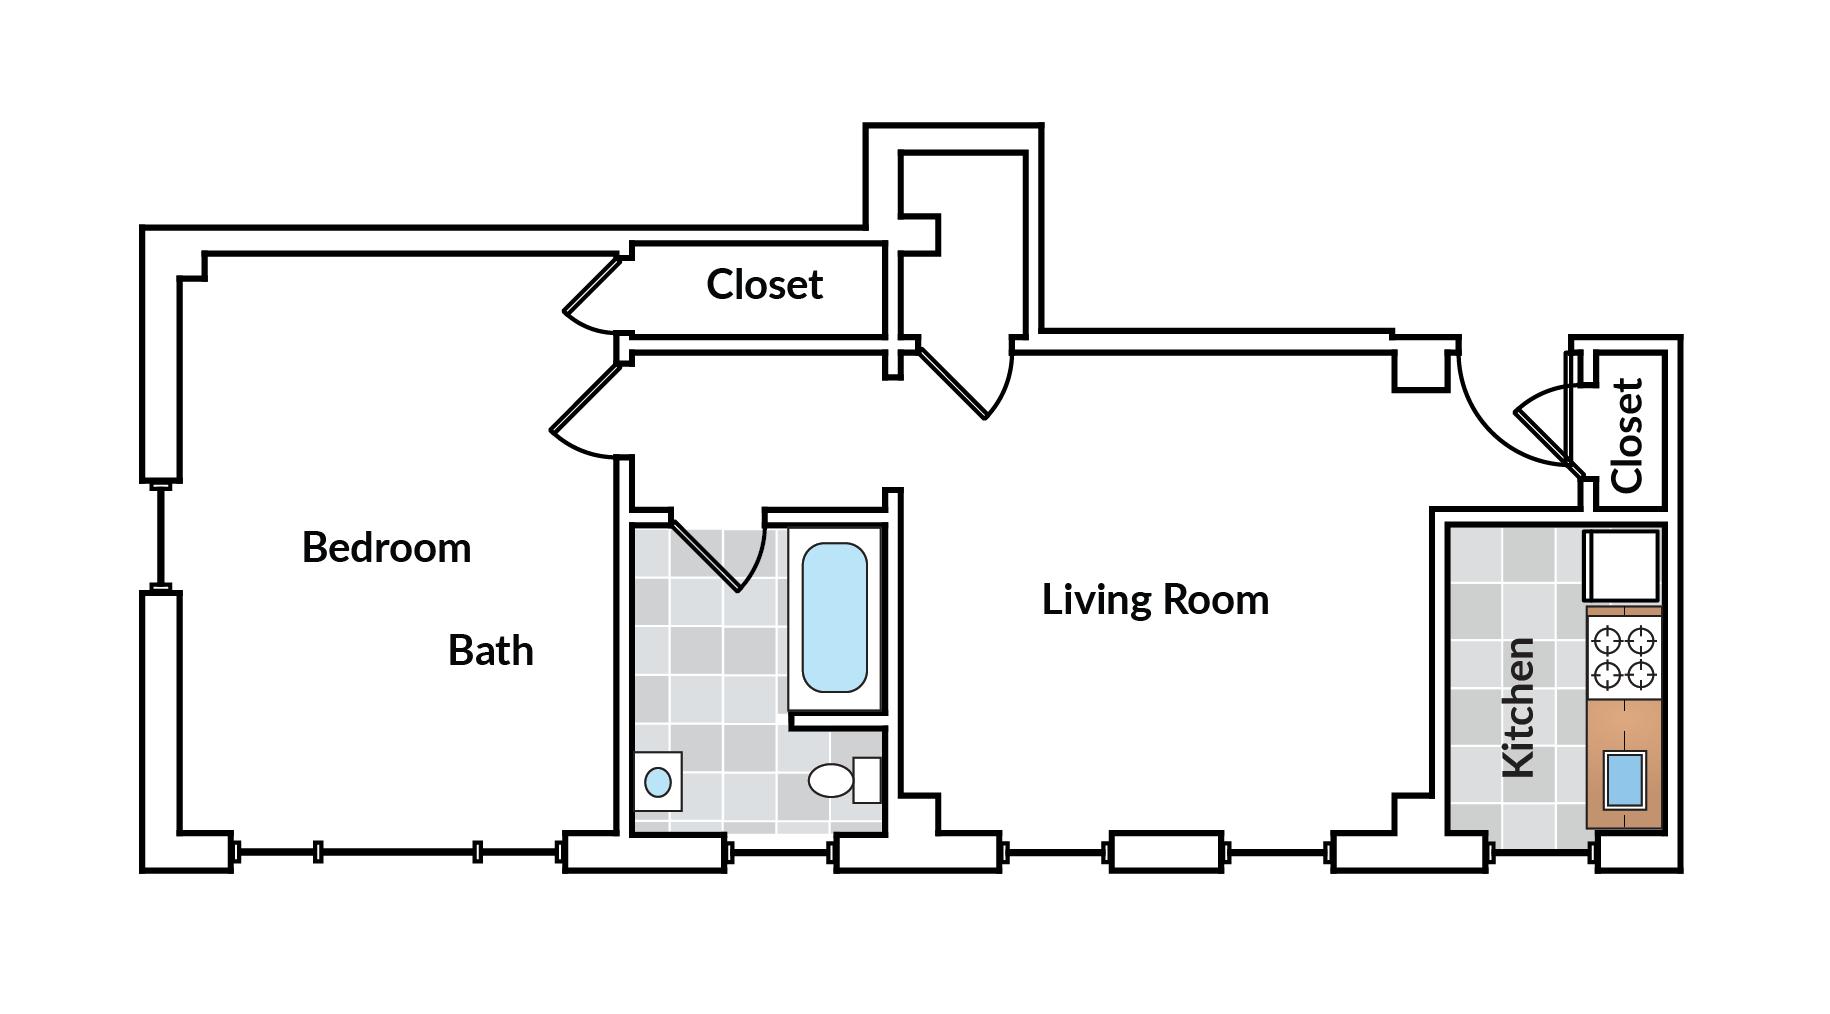 1 Bedroom 01 Tier